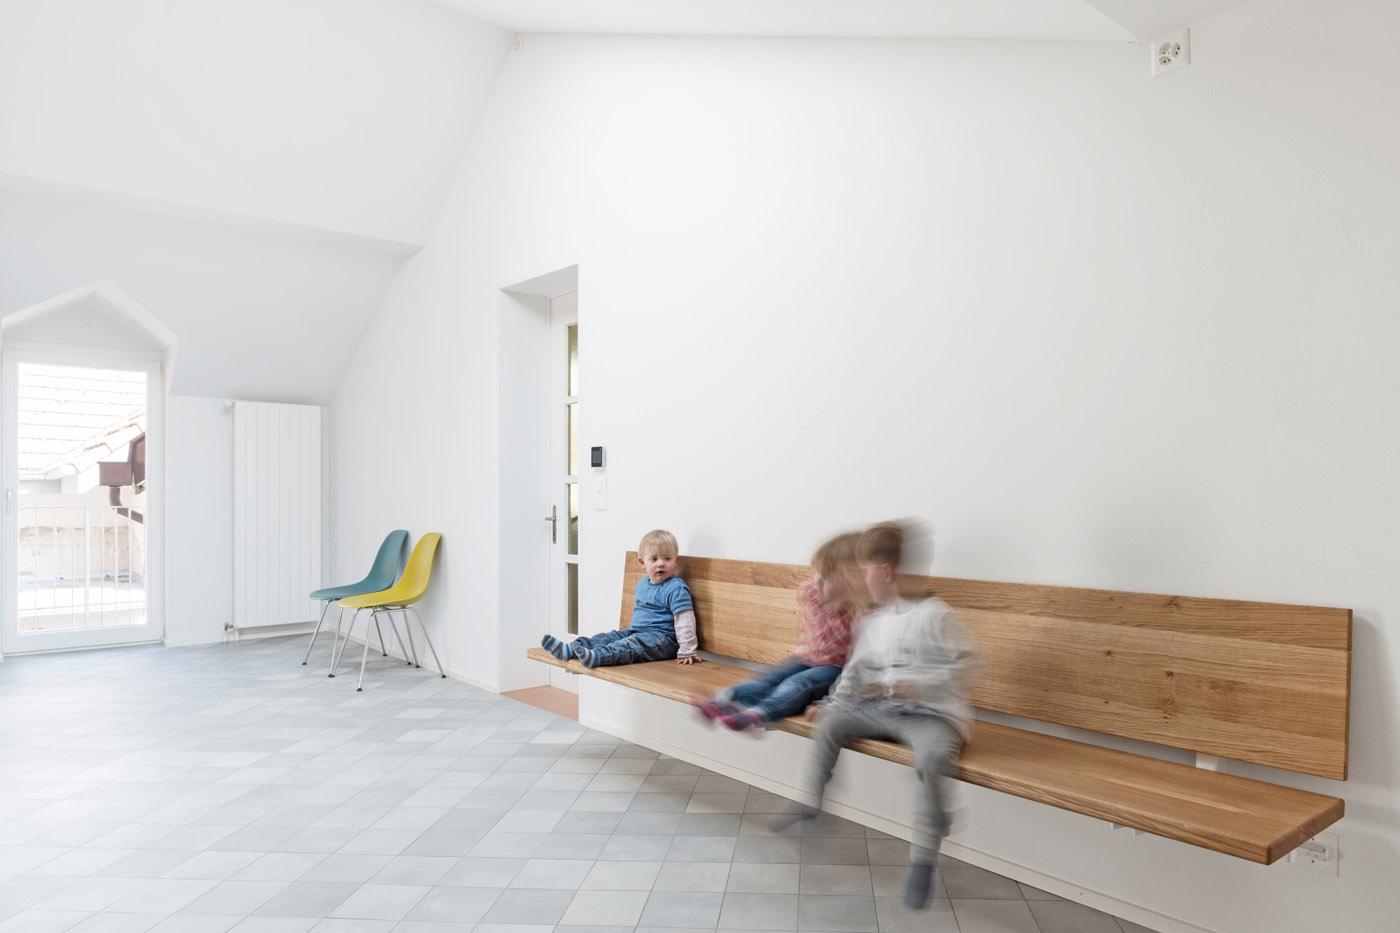 buan architekten – Umbau Bernstrasse Luzern – Innenansicht Wohnküche